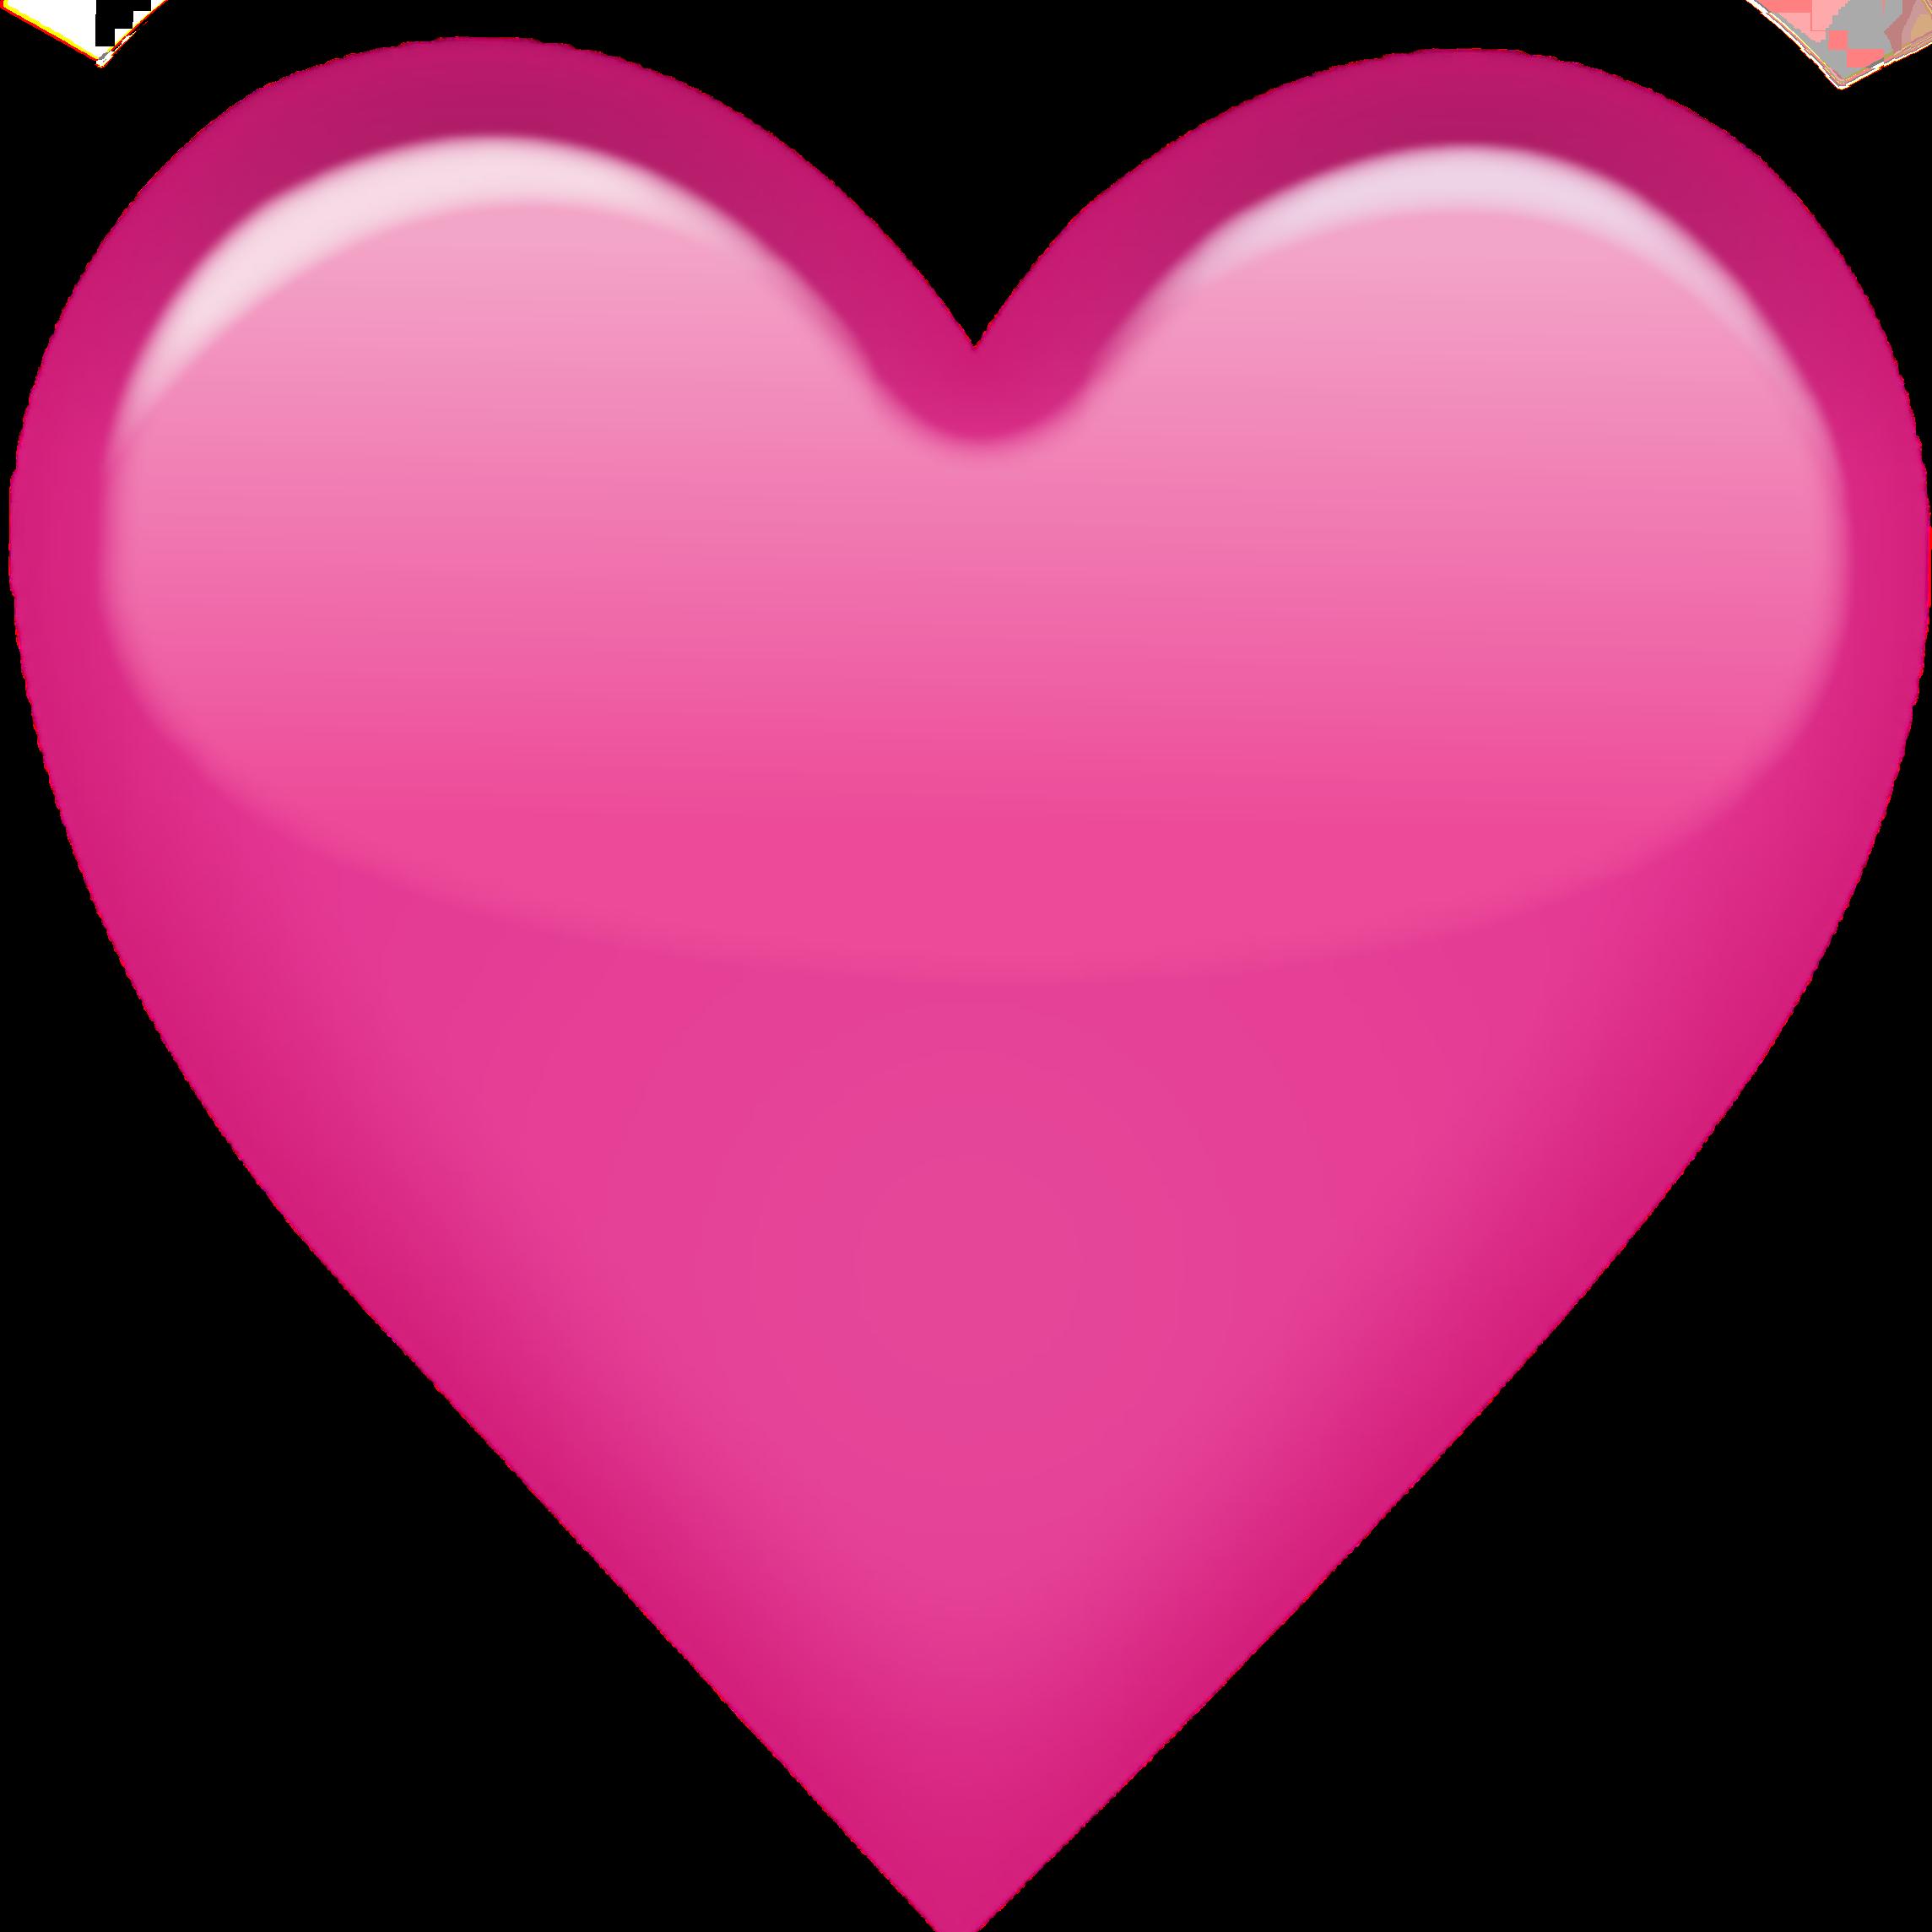 Pink Heart Emoji Love